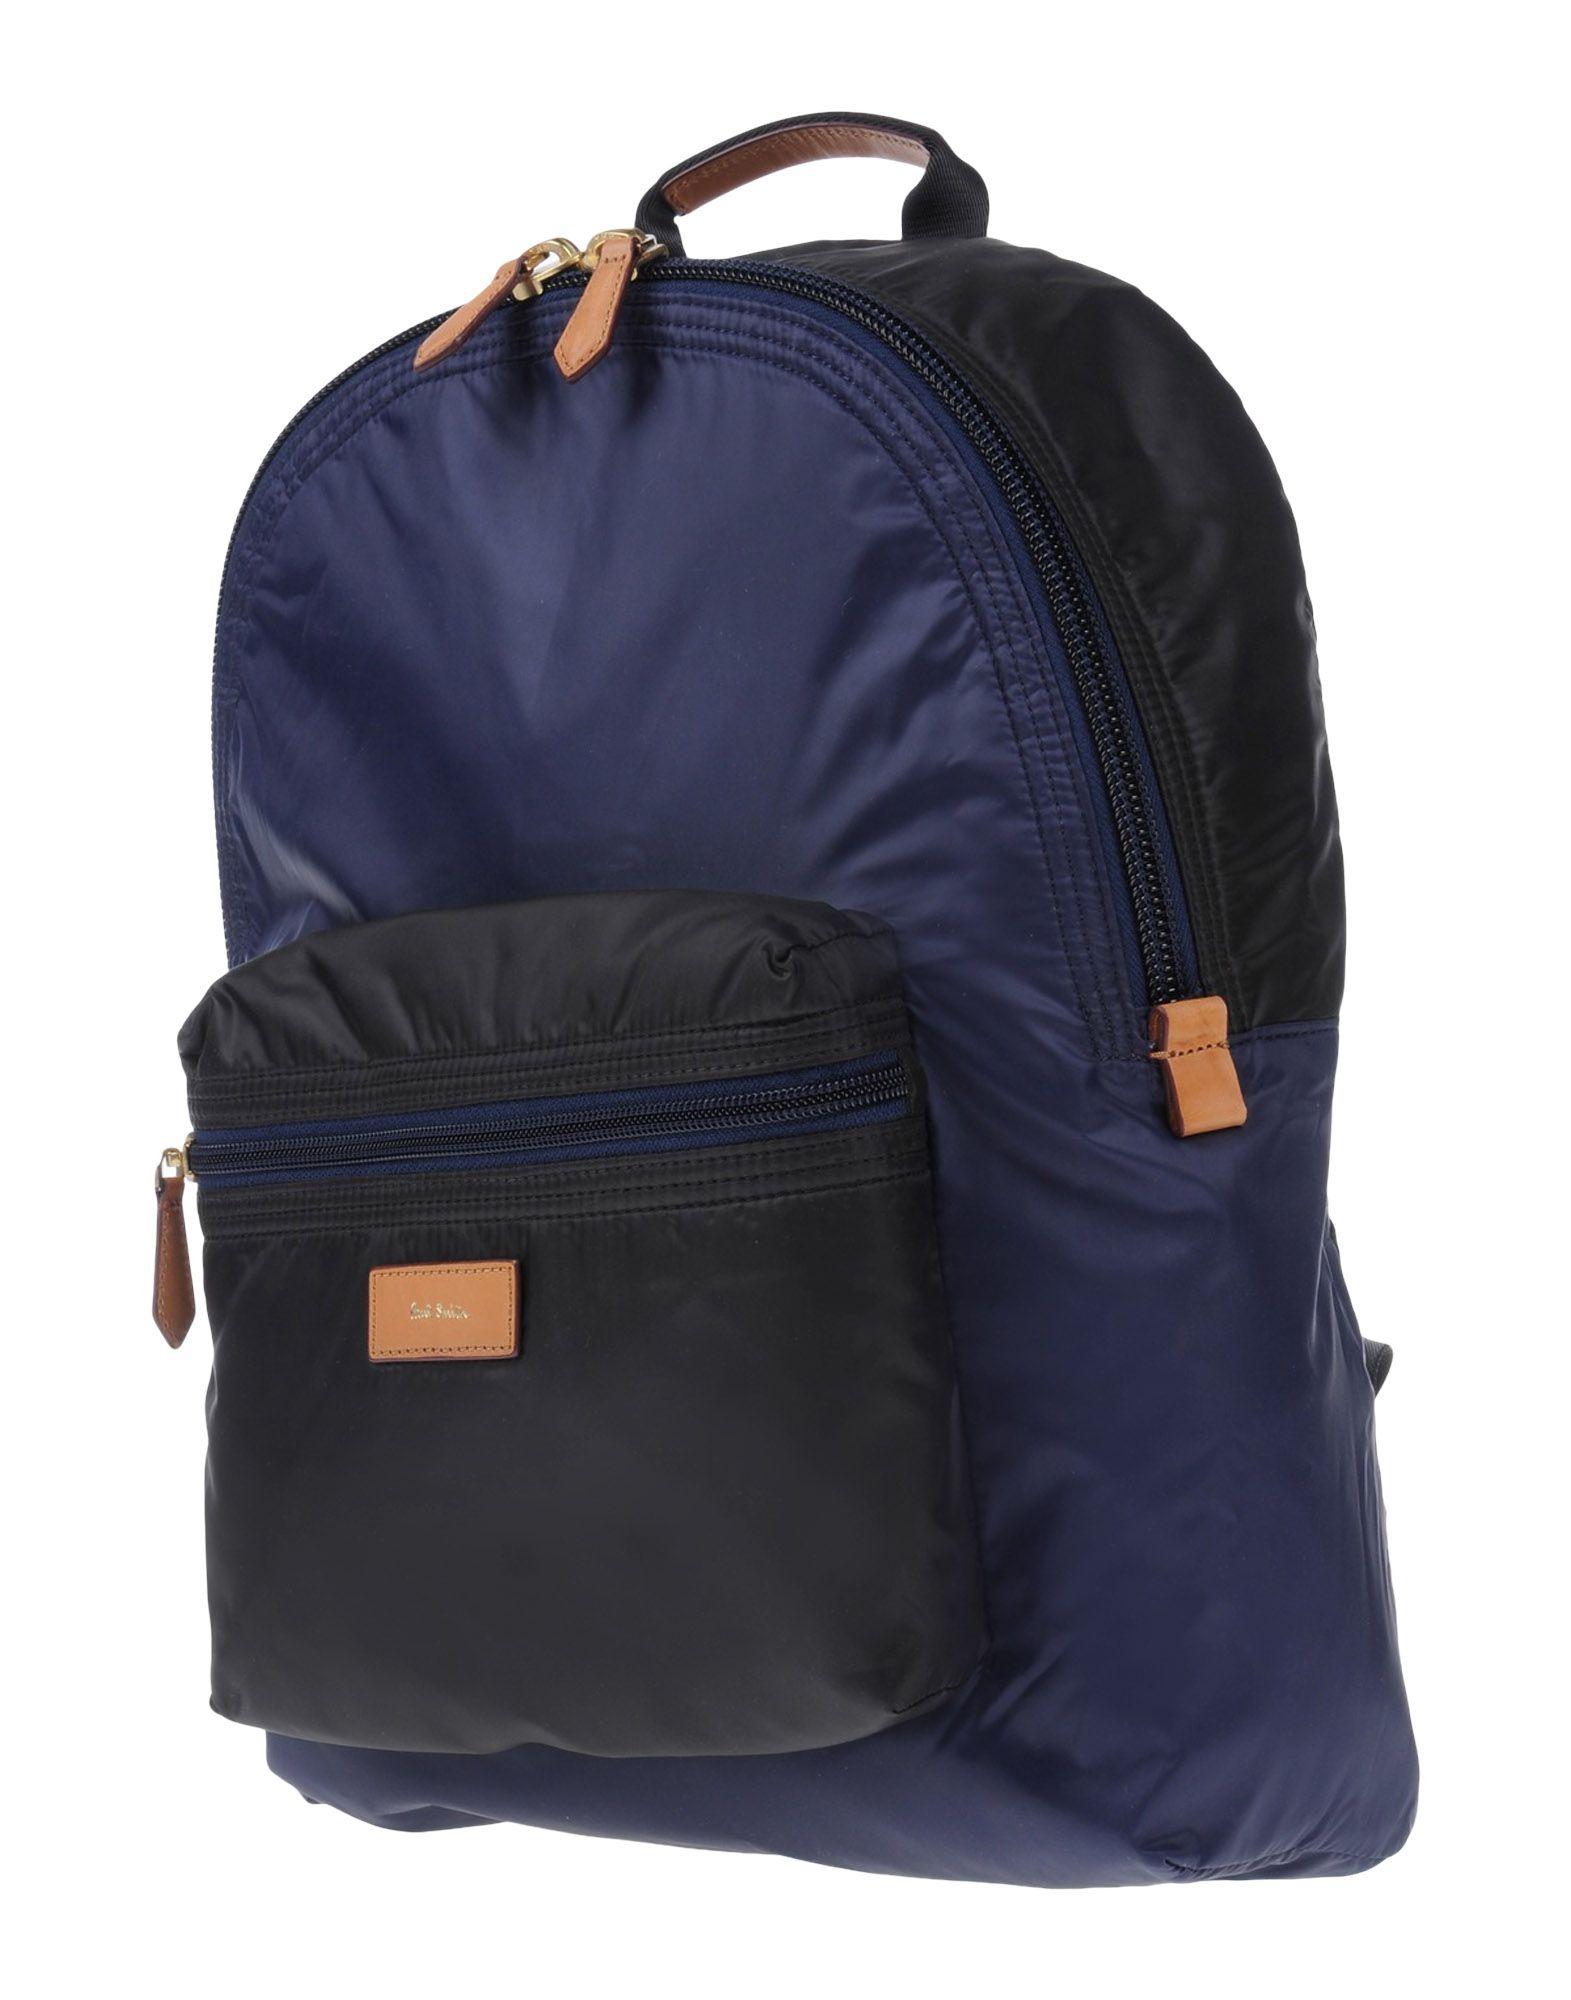 b8288c34 Женские одноцветные деловые сумки купить онлайн в интернет магазине ...